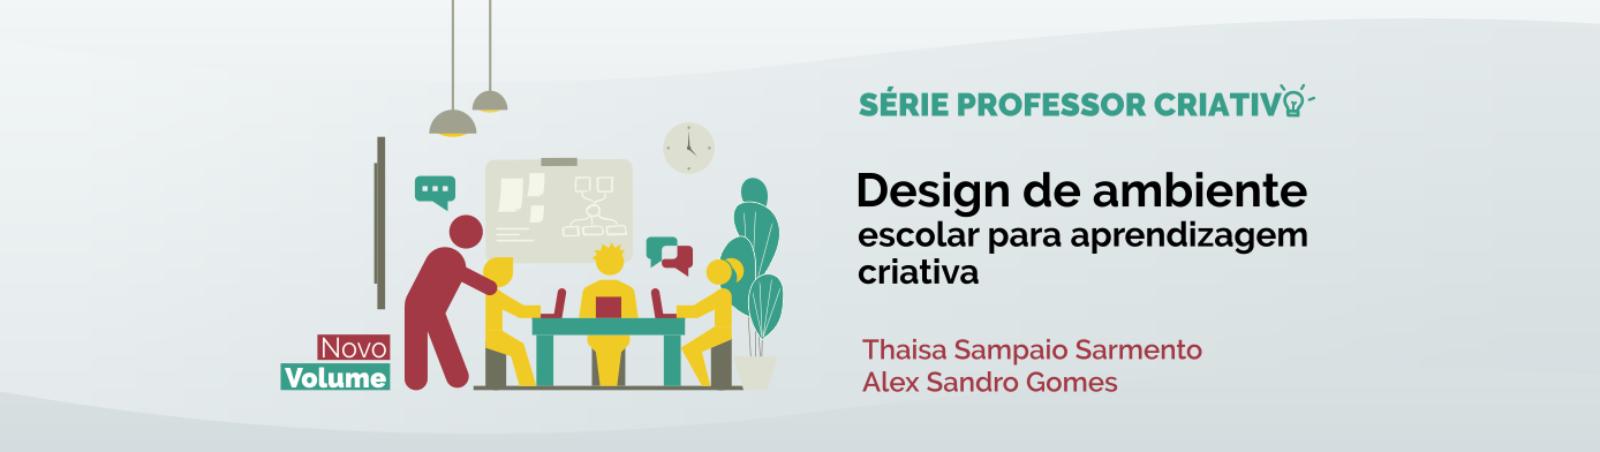 slide-design-de-ambiente-escolar